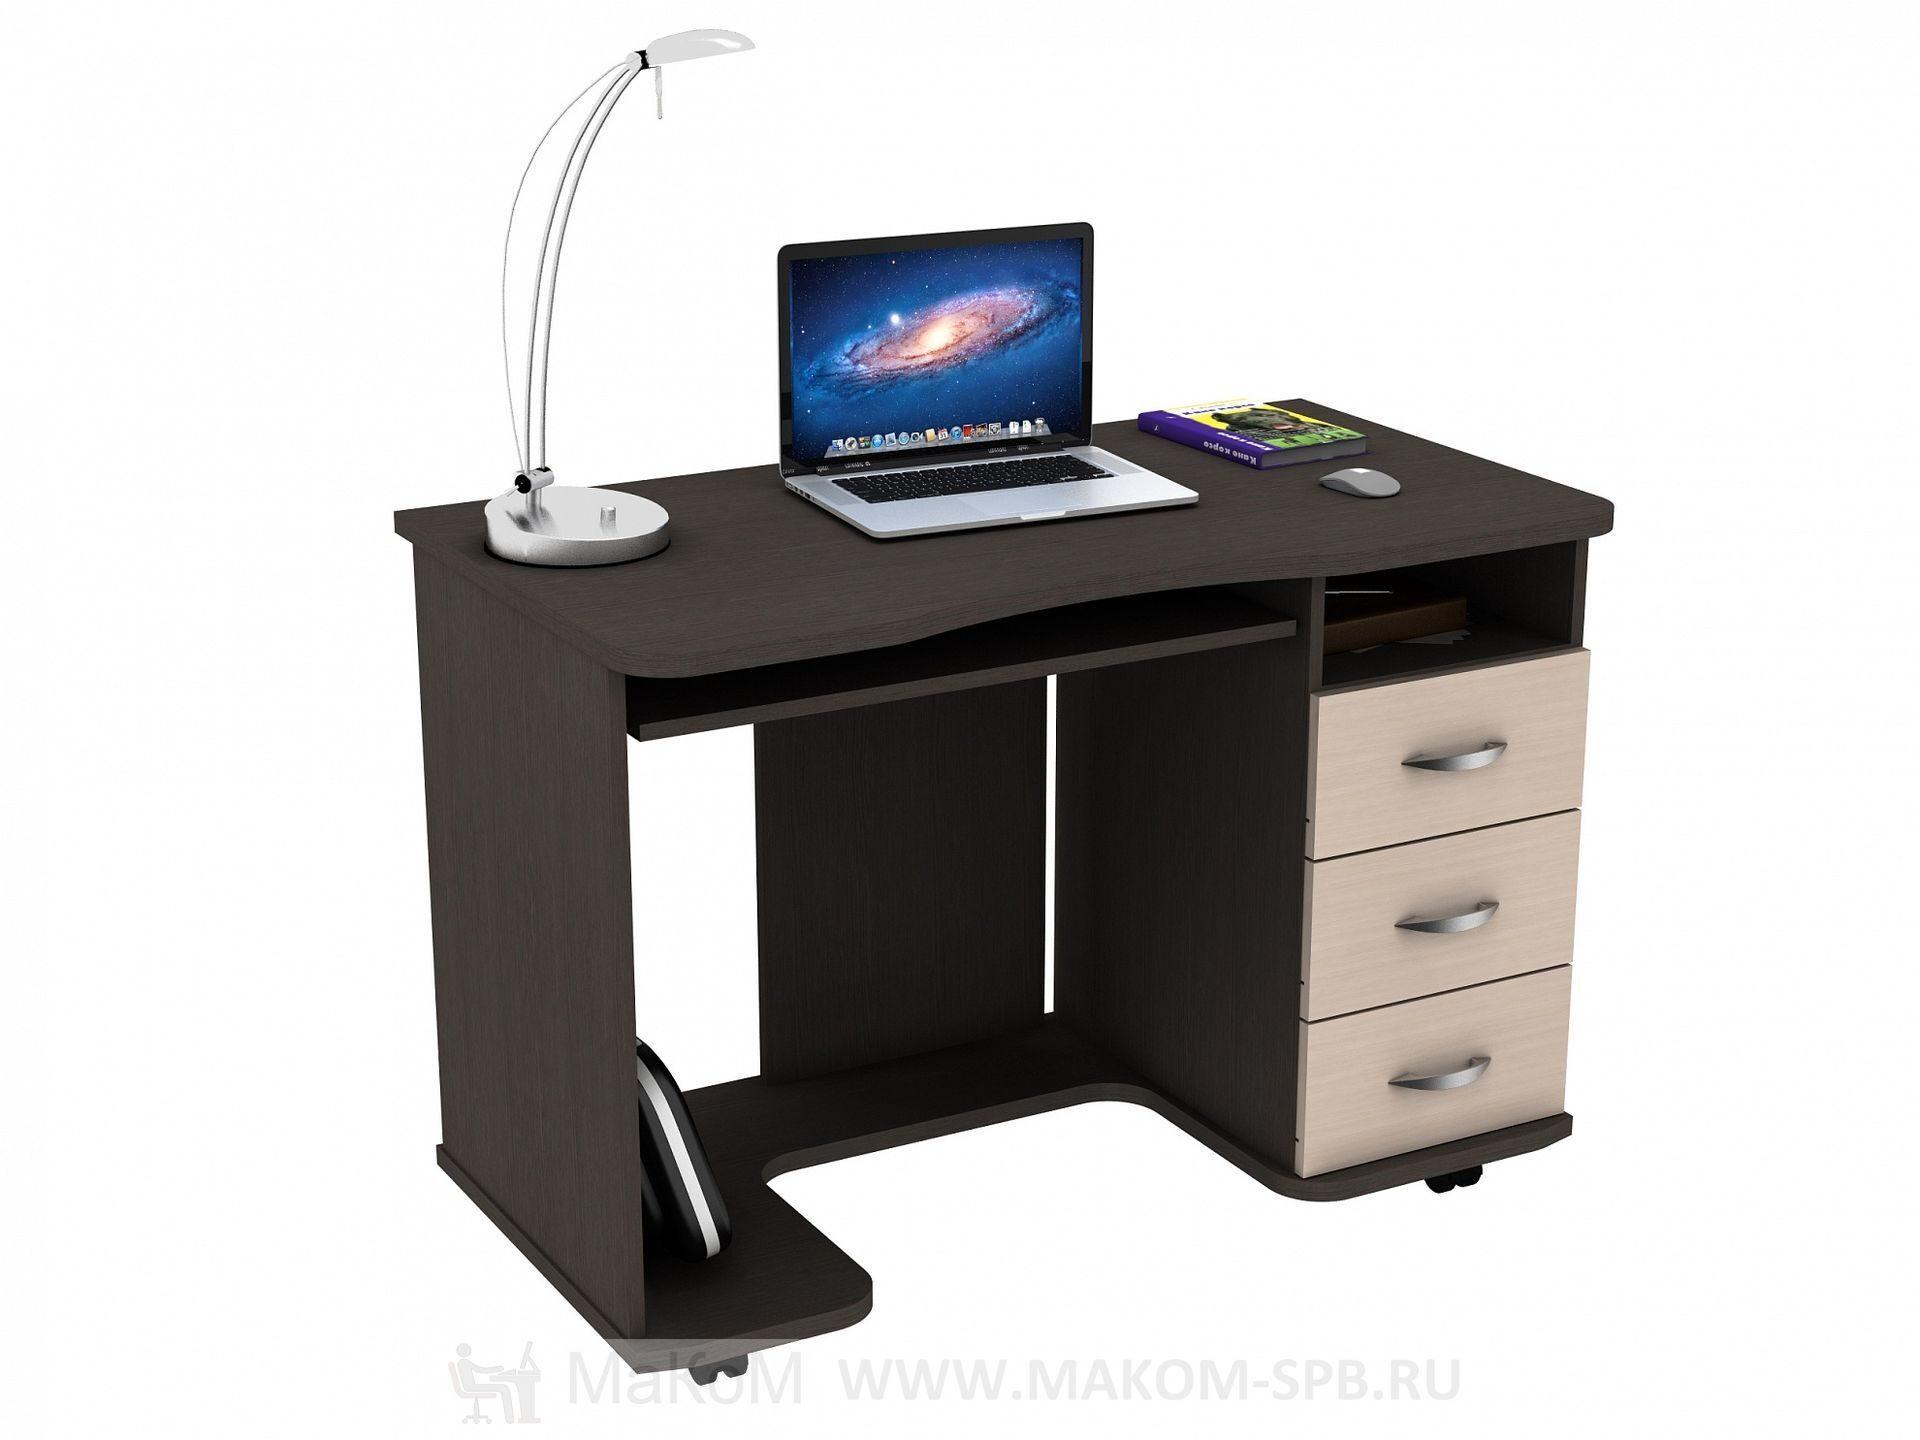 Компьютерный стол кс 20-40 - купить с быстрой доставкой в та.